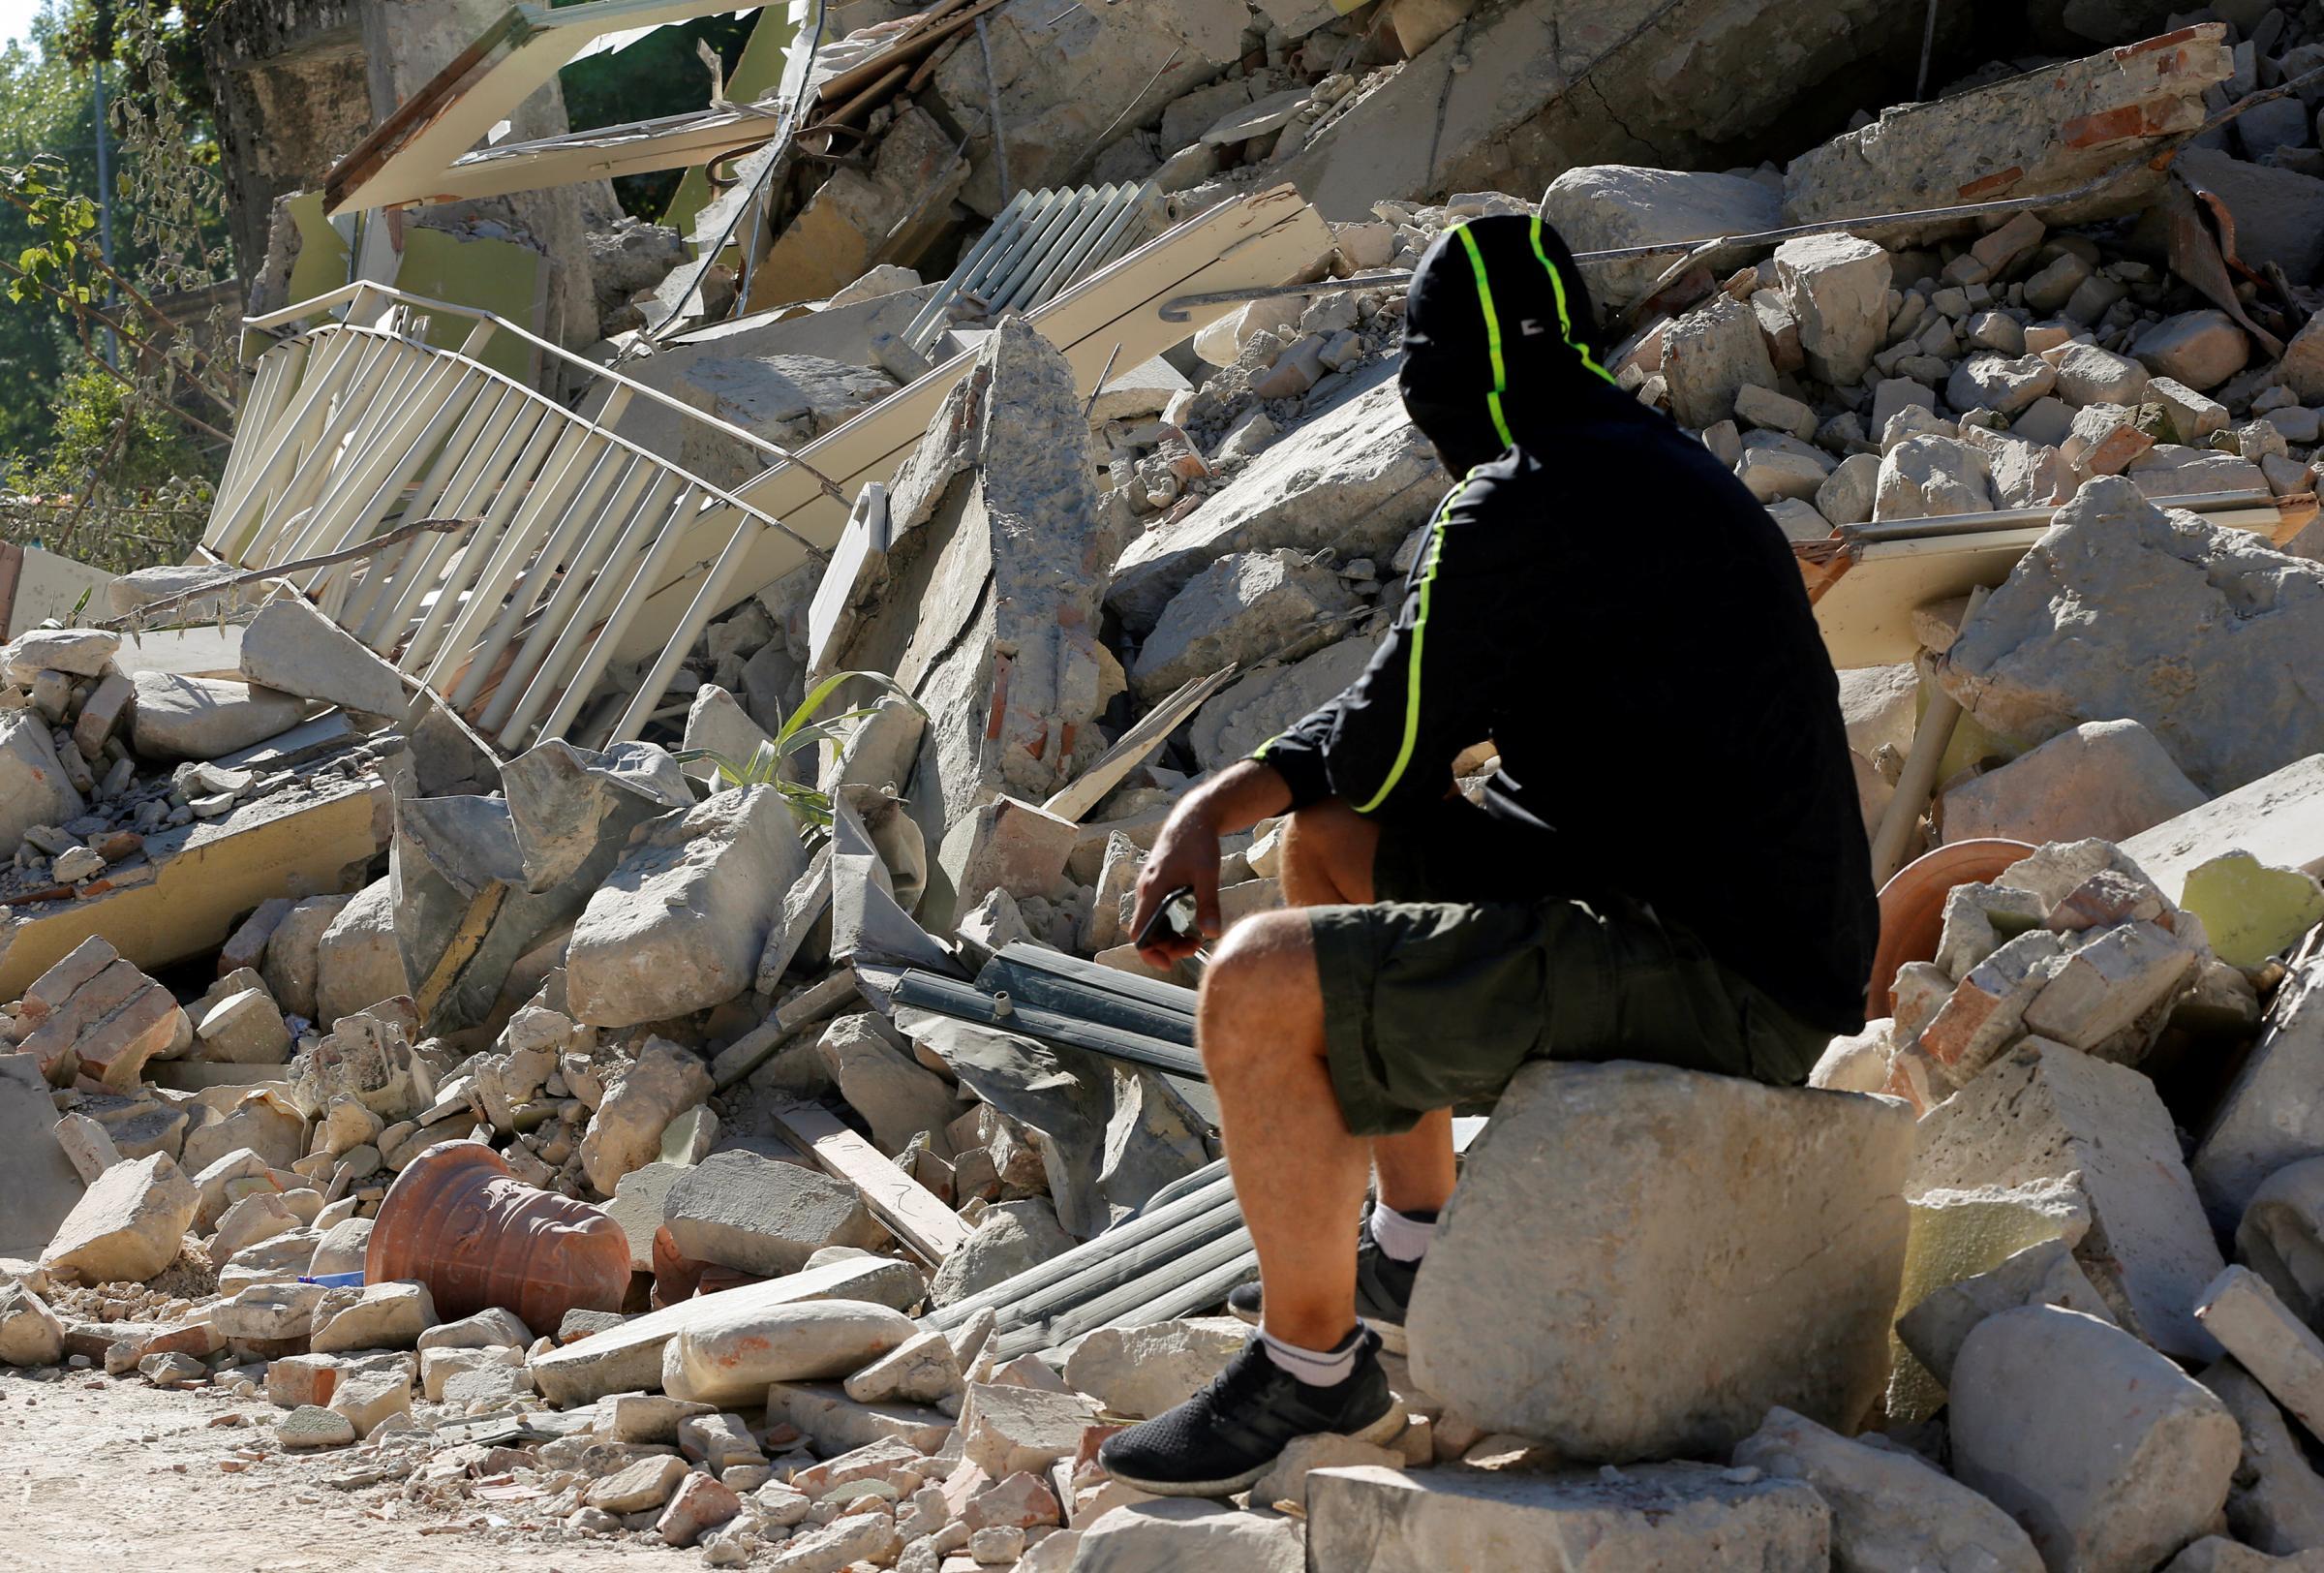 Terremoto in Centro Italia, ecco come possiamo aiutare e donare